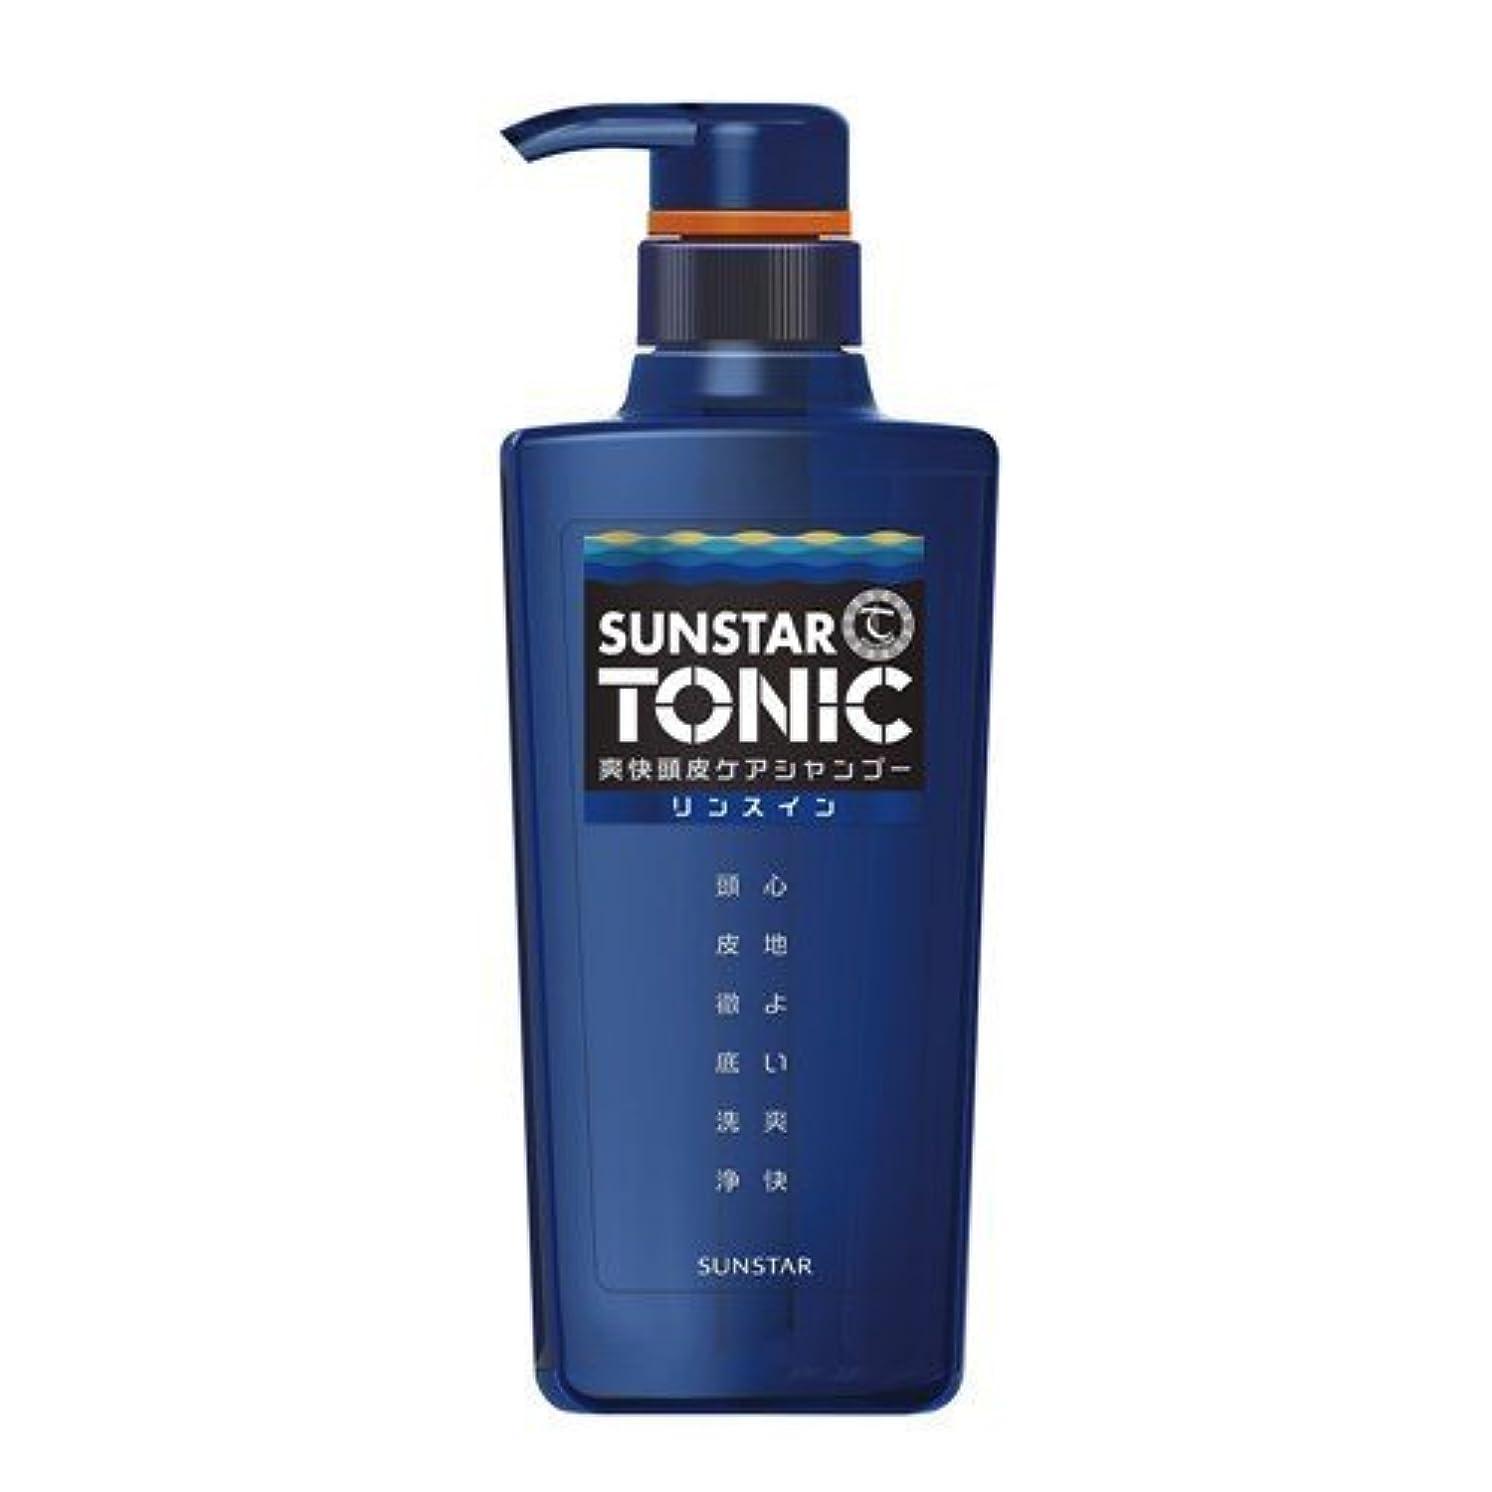 決めますいくつかのマッシュSUNSTAR TONIC(サンスタートニック) サンスター トニックシャンプー リンスイン 爽快頭皮ケア 460mL ノンシリコン処方 [シトラスハーブの香り] 詰替え用